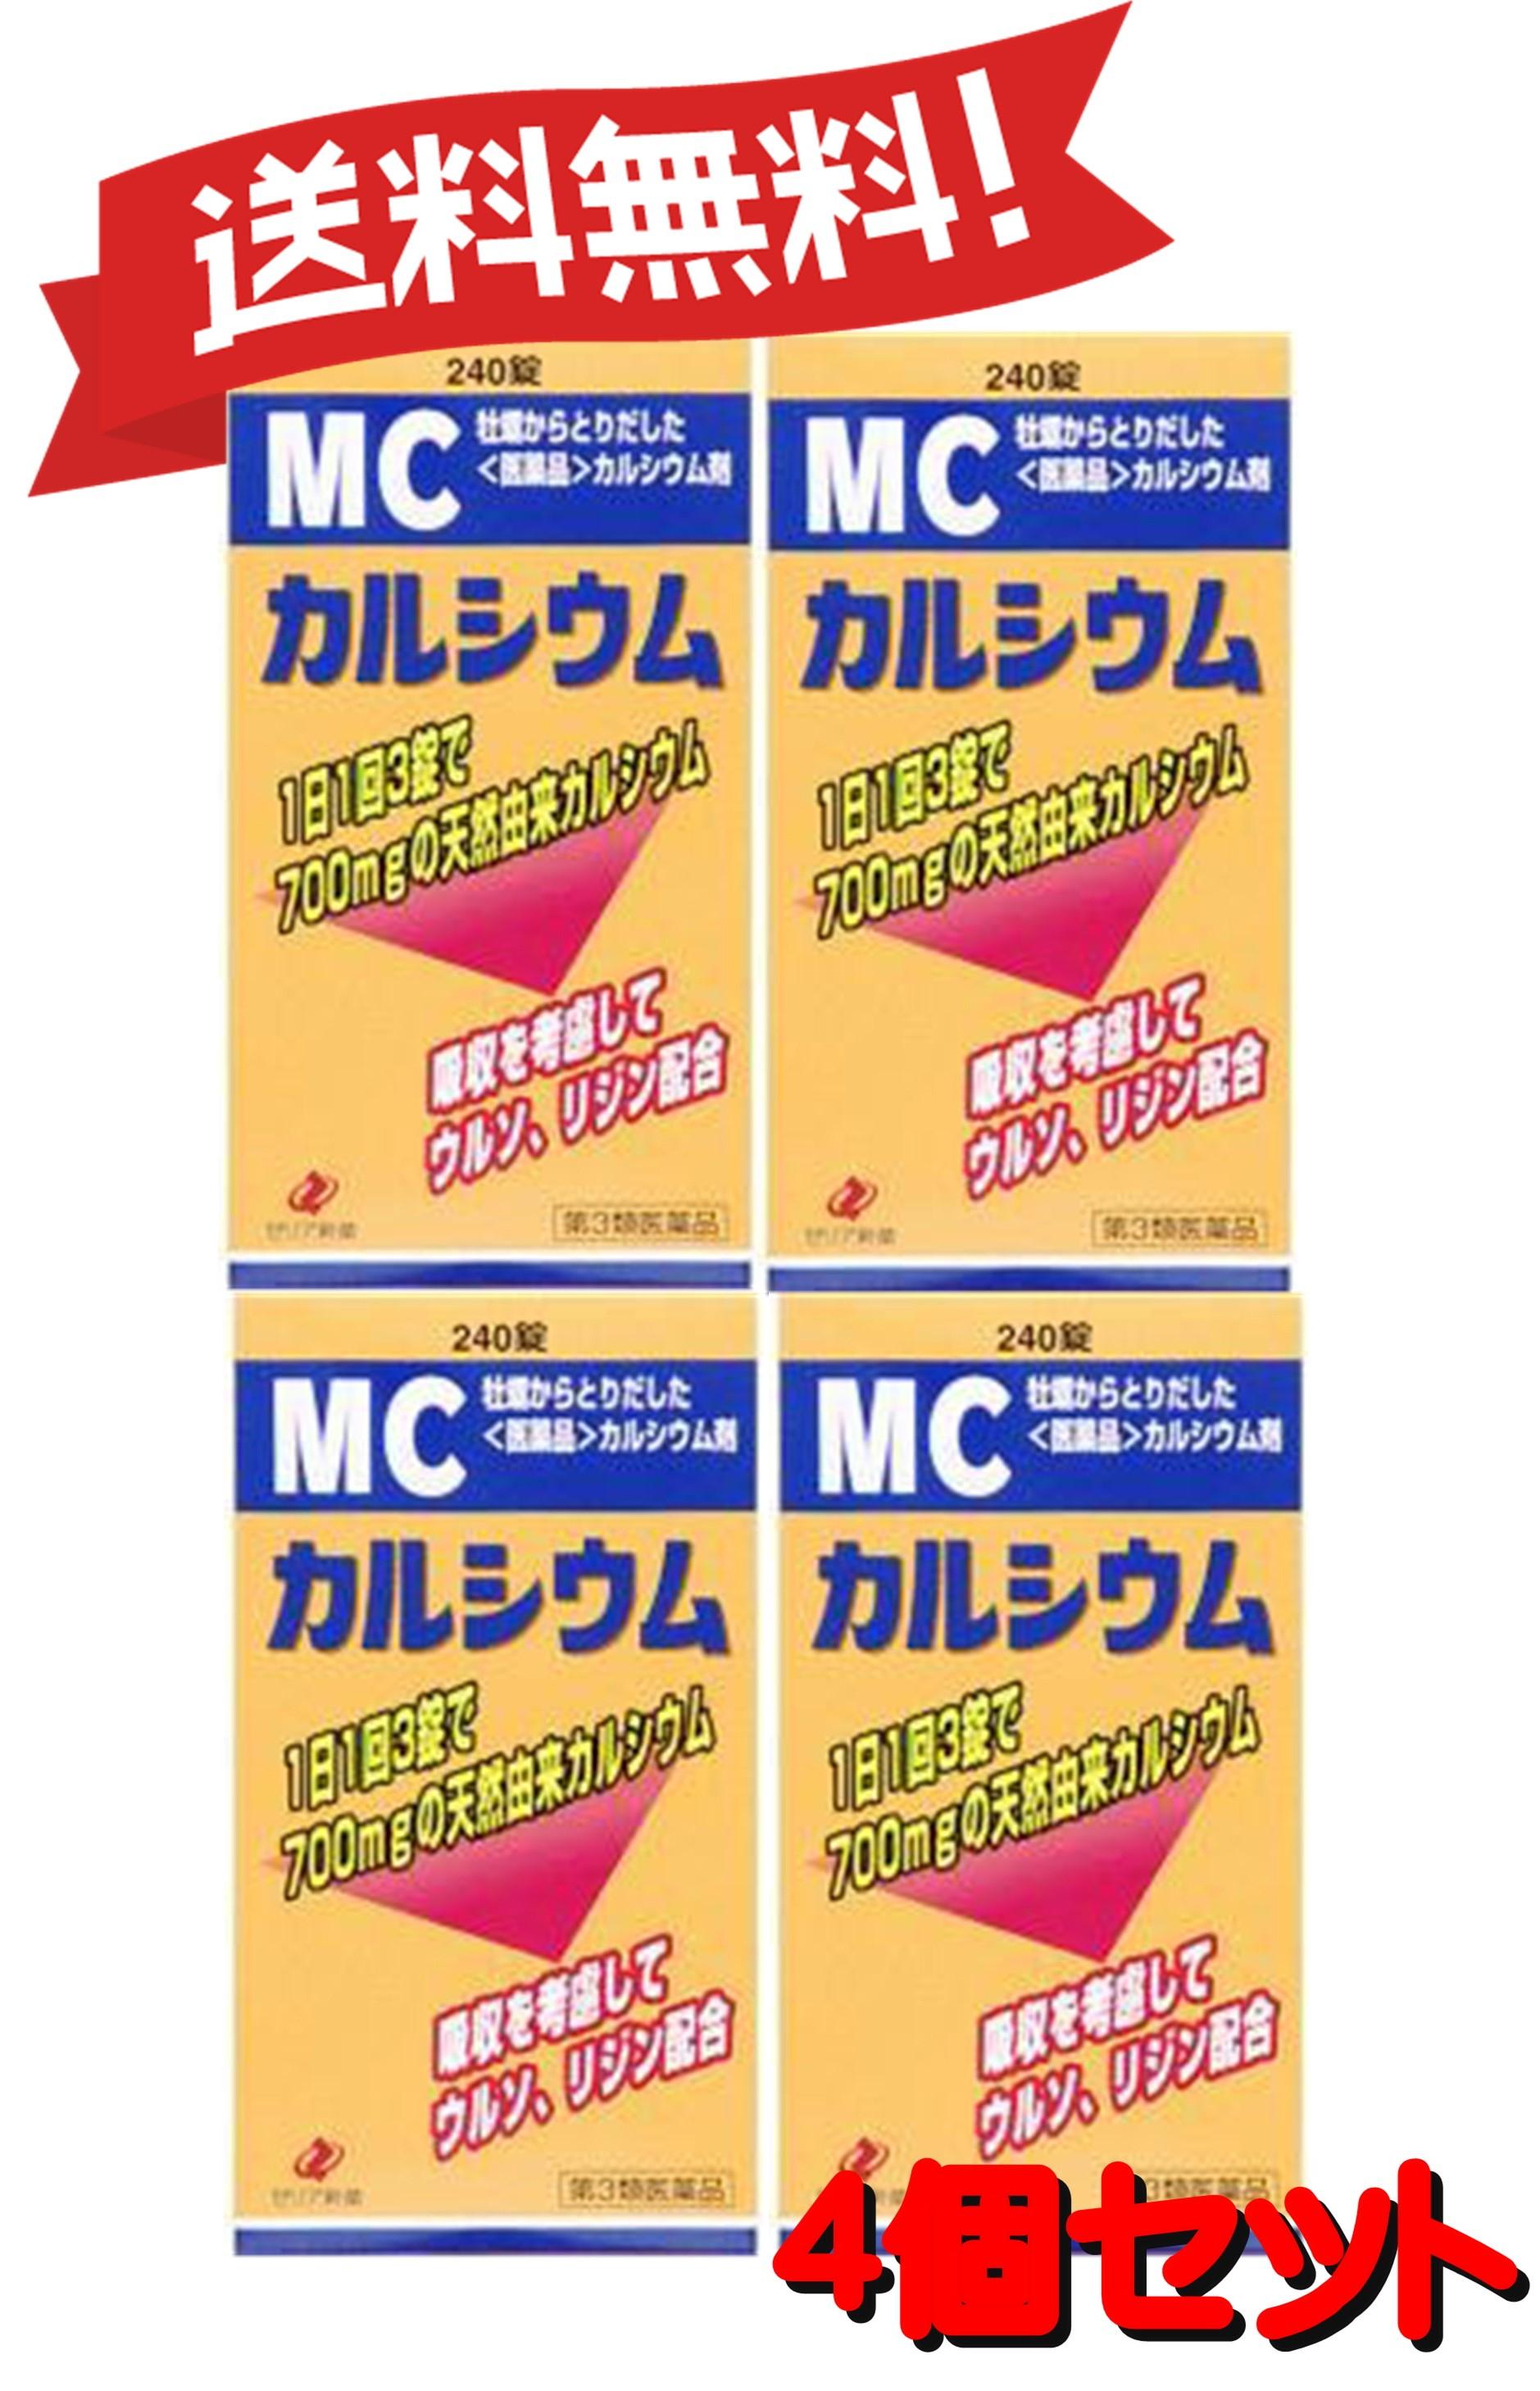 1日1回服用のカルシウム剤 専門店 送料無料 4個セット 第3類医薬品 4987103043461-4 240錠 公式ストア MCカルシウム